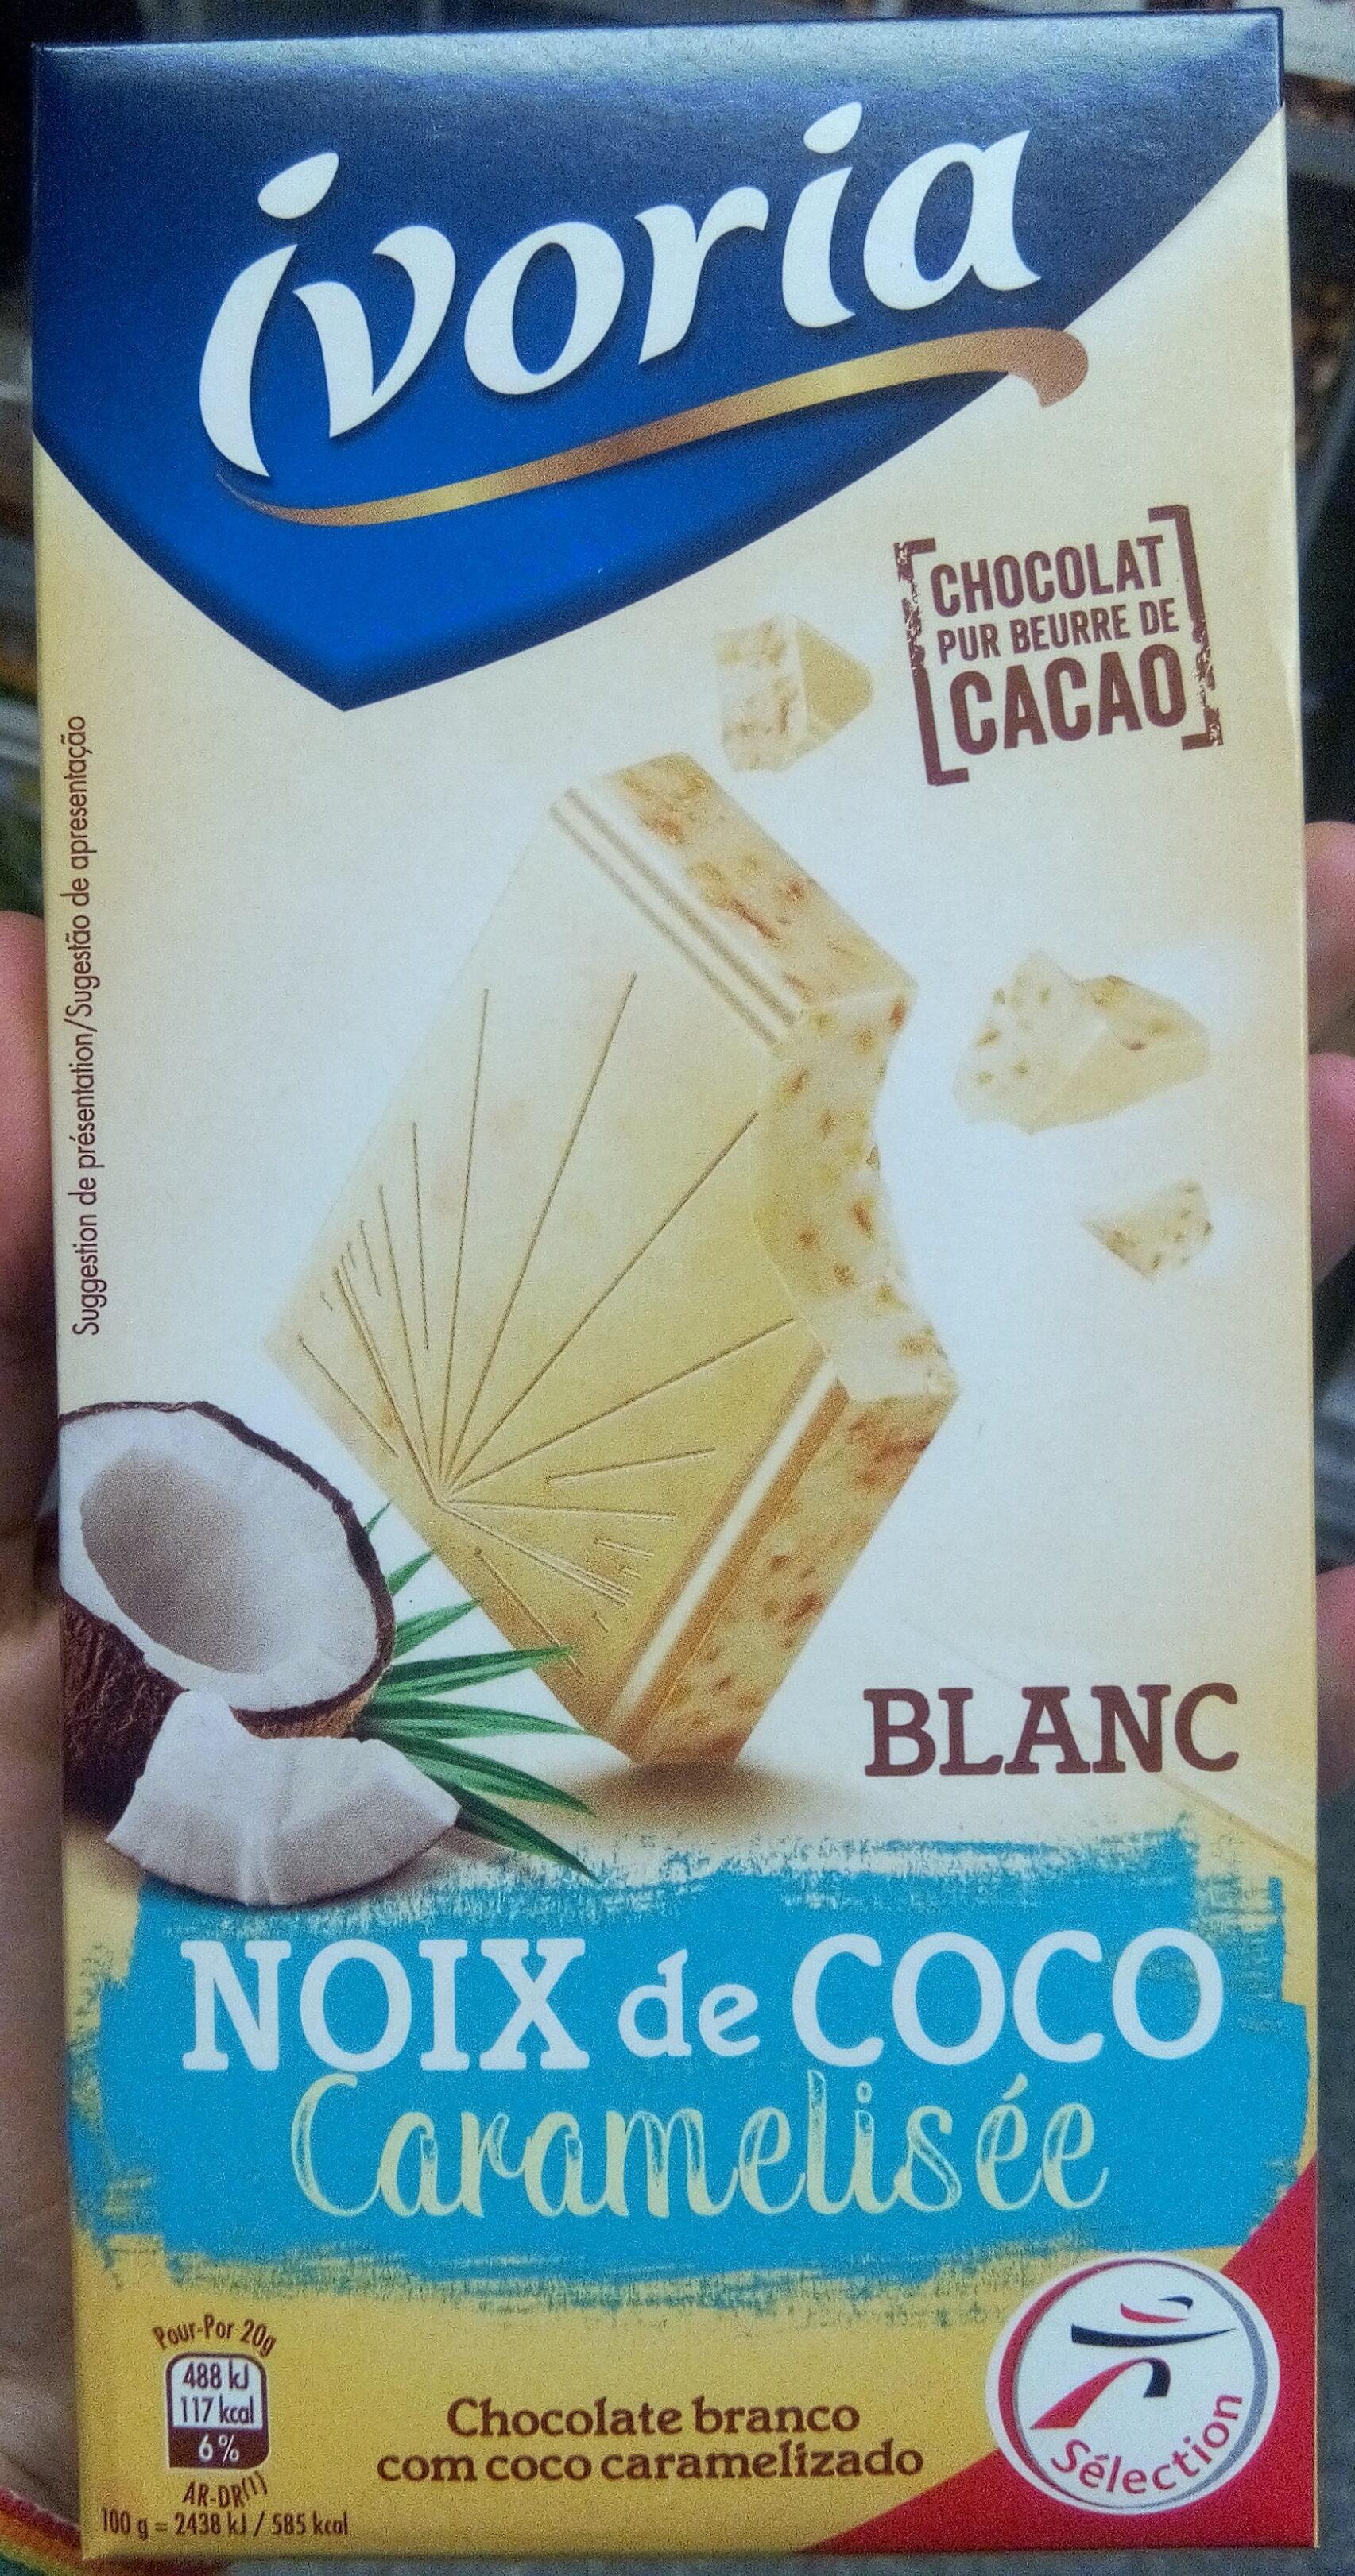 Blanc Noix de Coco Caramélisée - Product